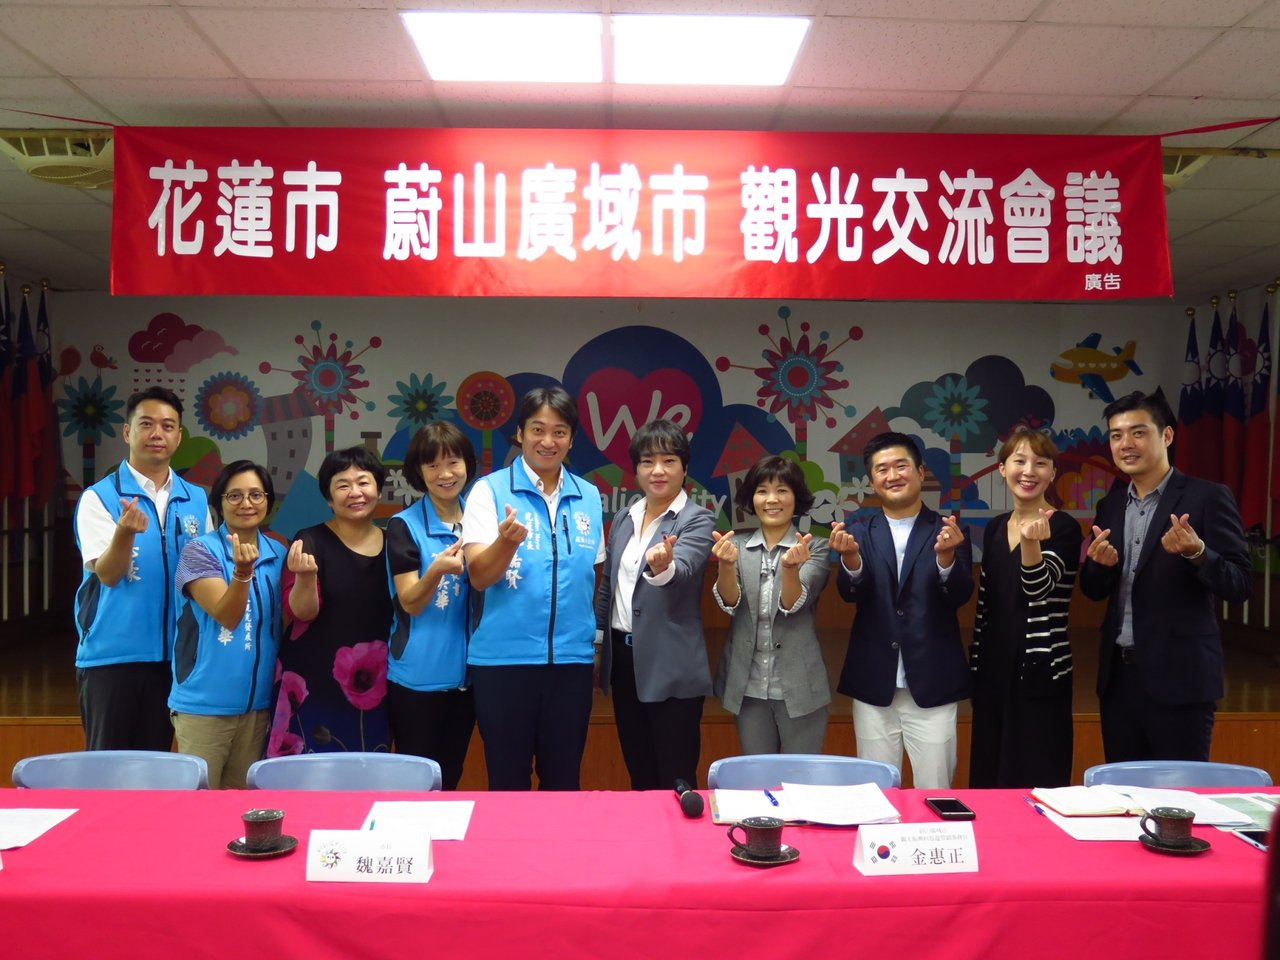 花蓮市與姐妹市韓國蔚山廣域市,舉辦觀光交流會議。圖/花蓮市公所提供